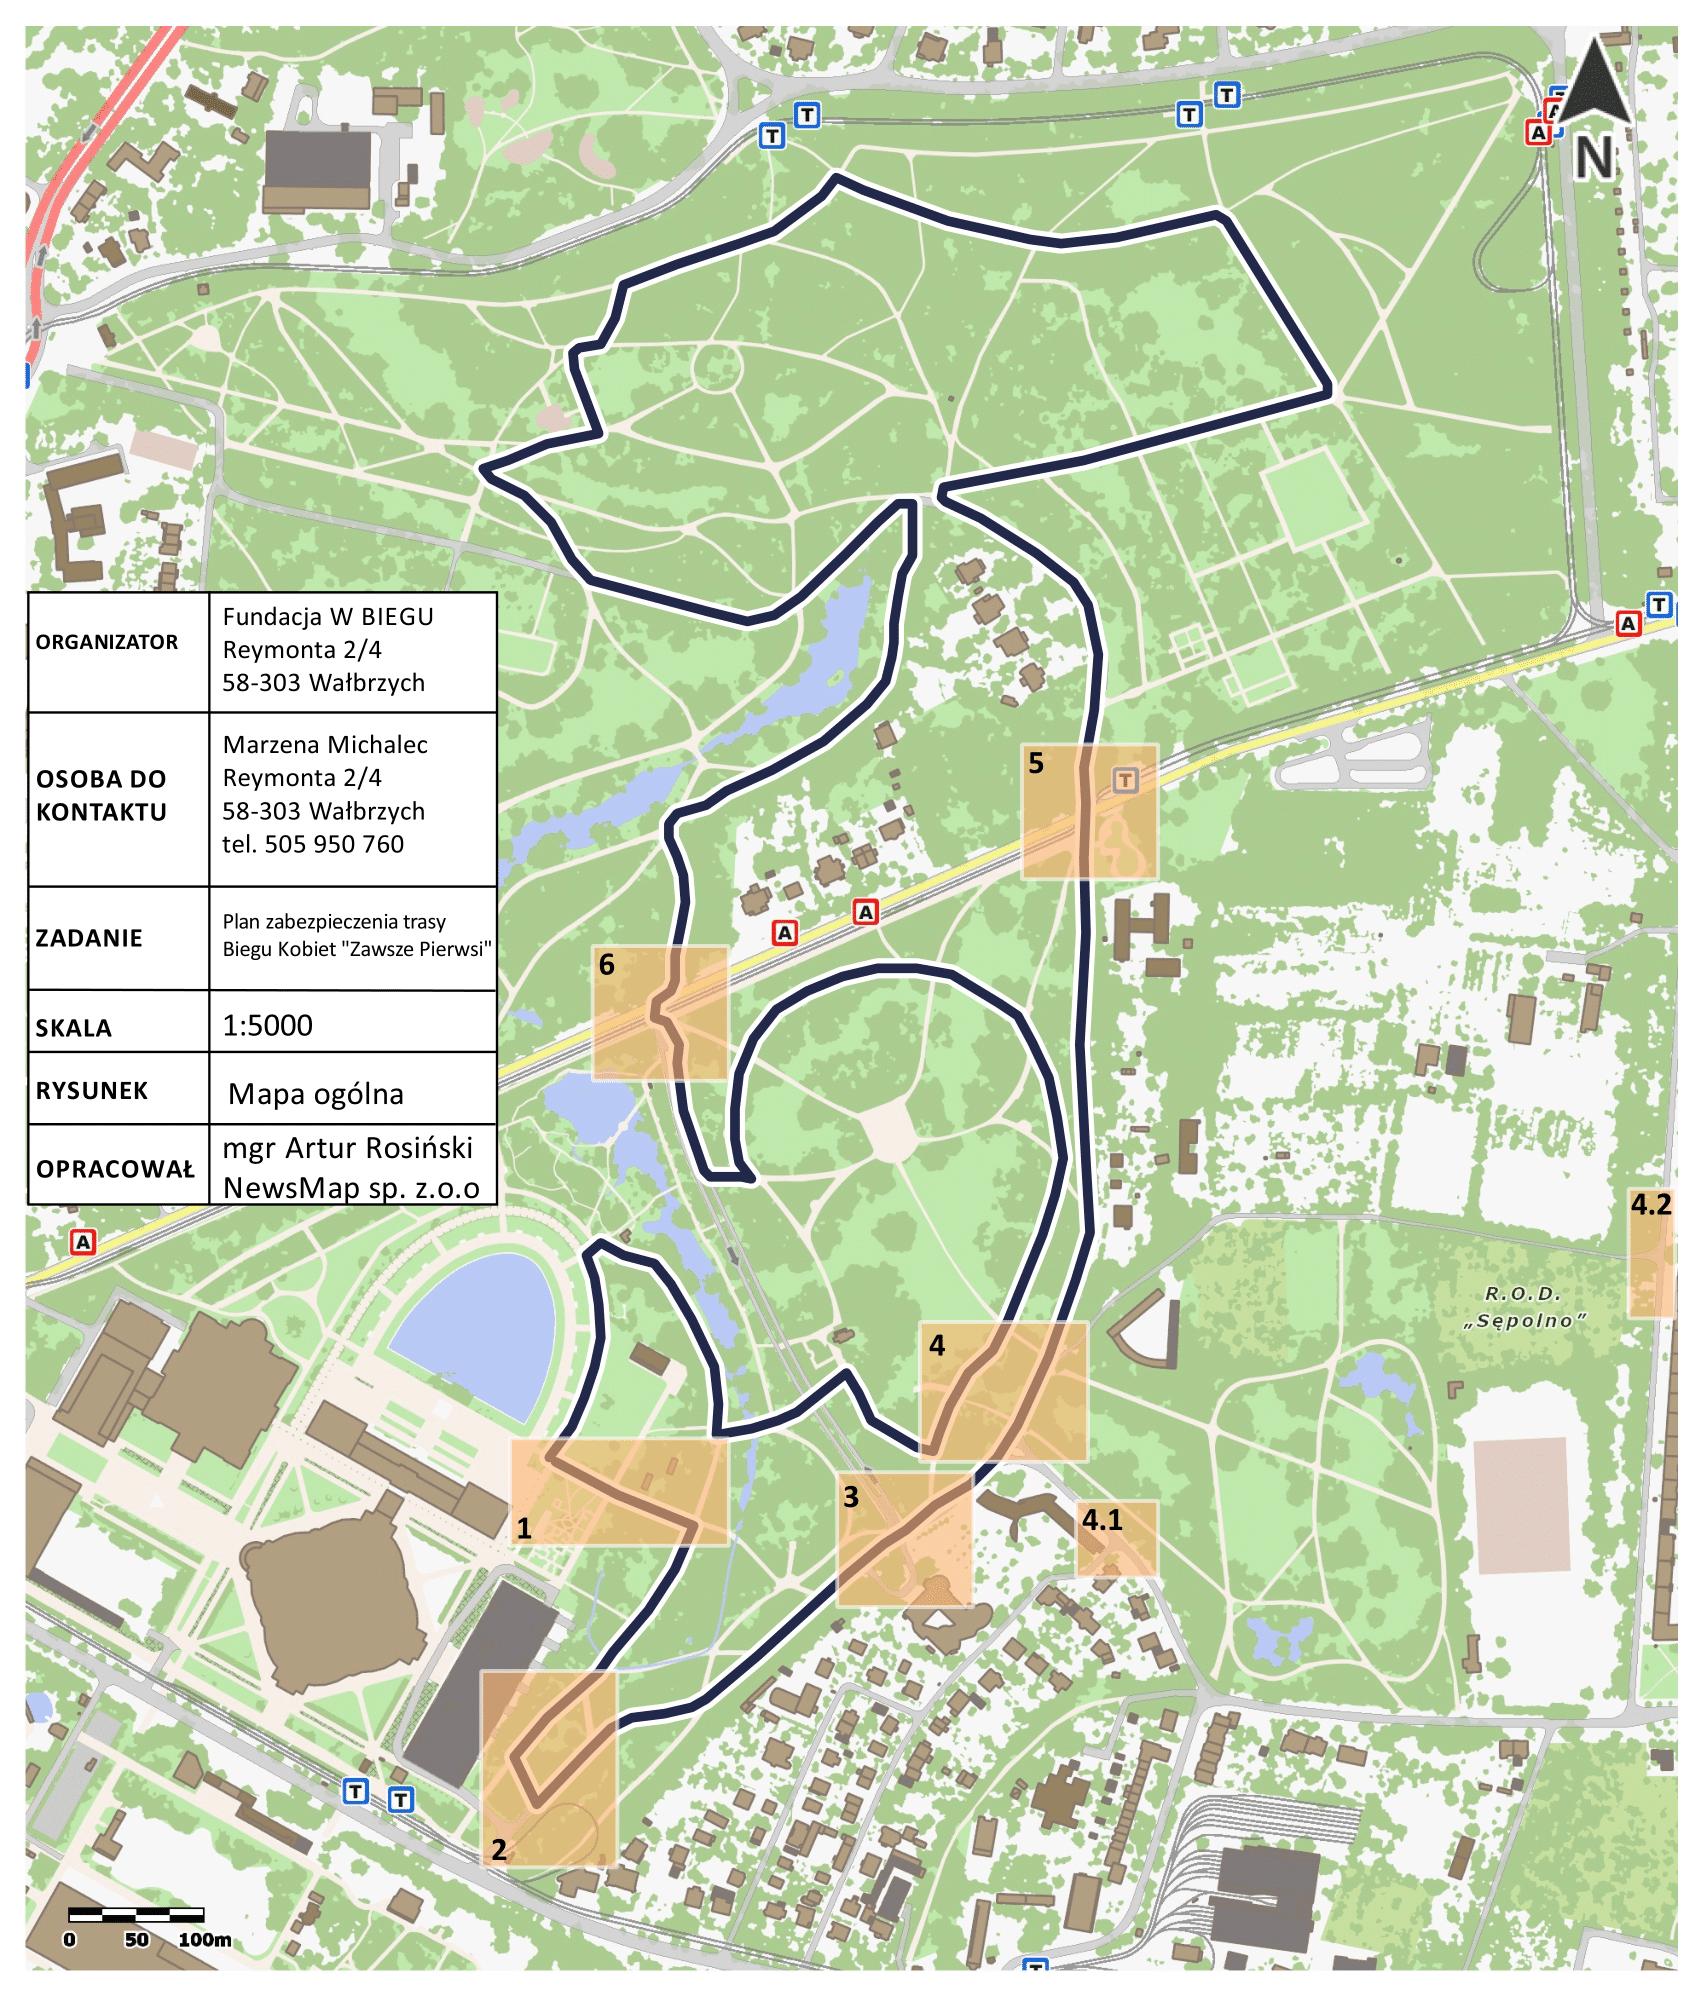 Bieg Kobiet Wrocław - plan organizacji ruchu